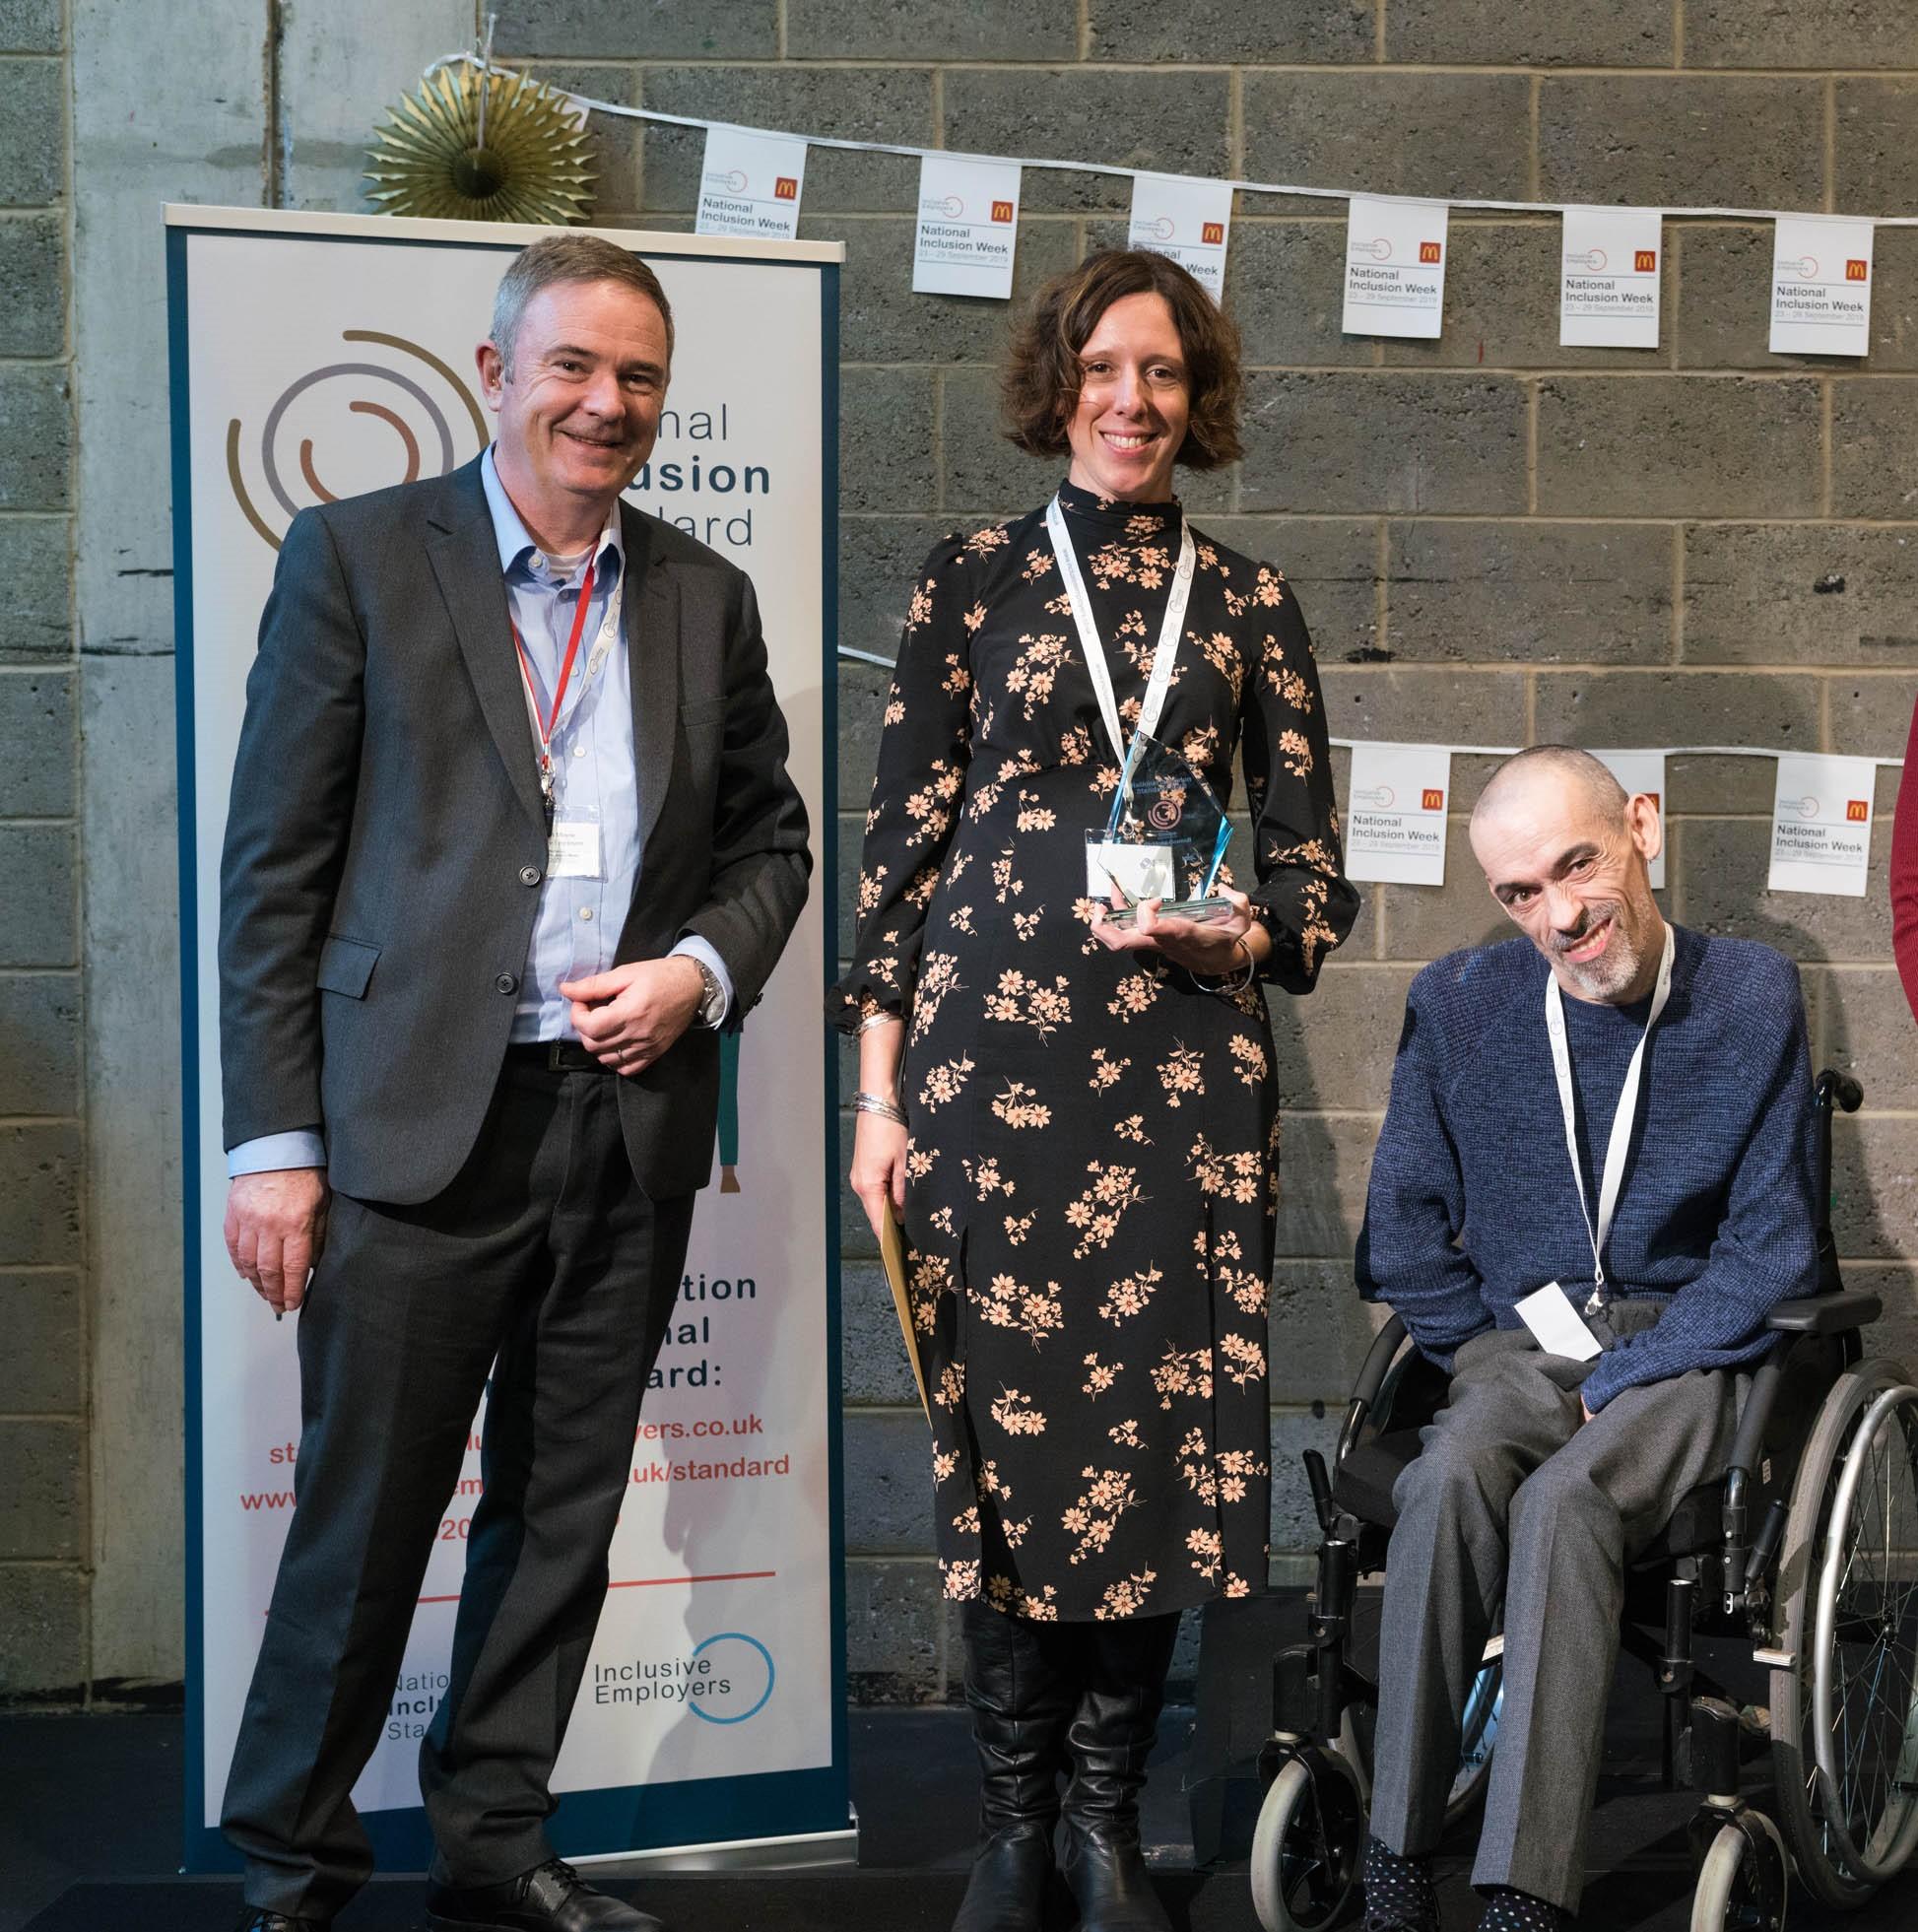 Kirklees council receiving IES award